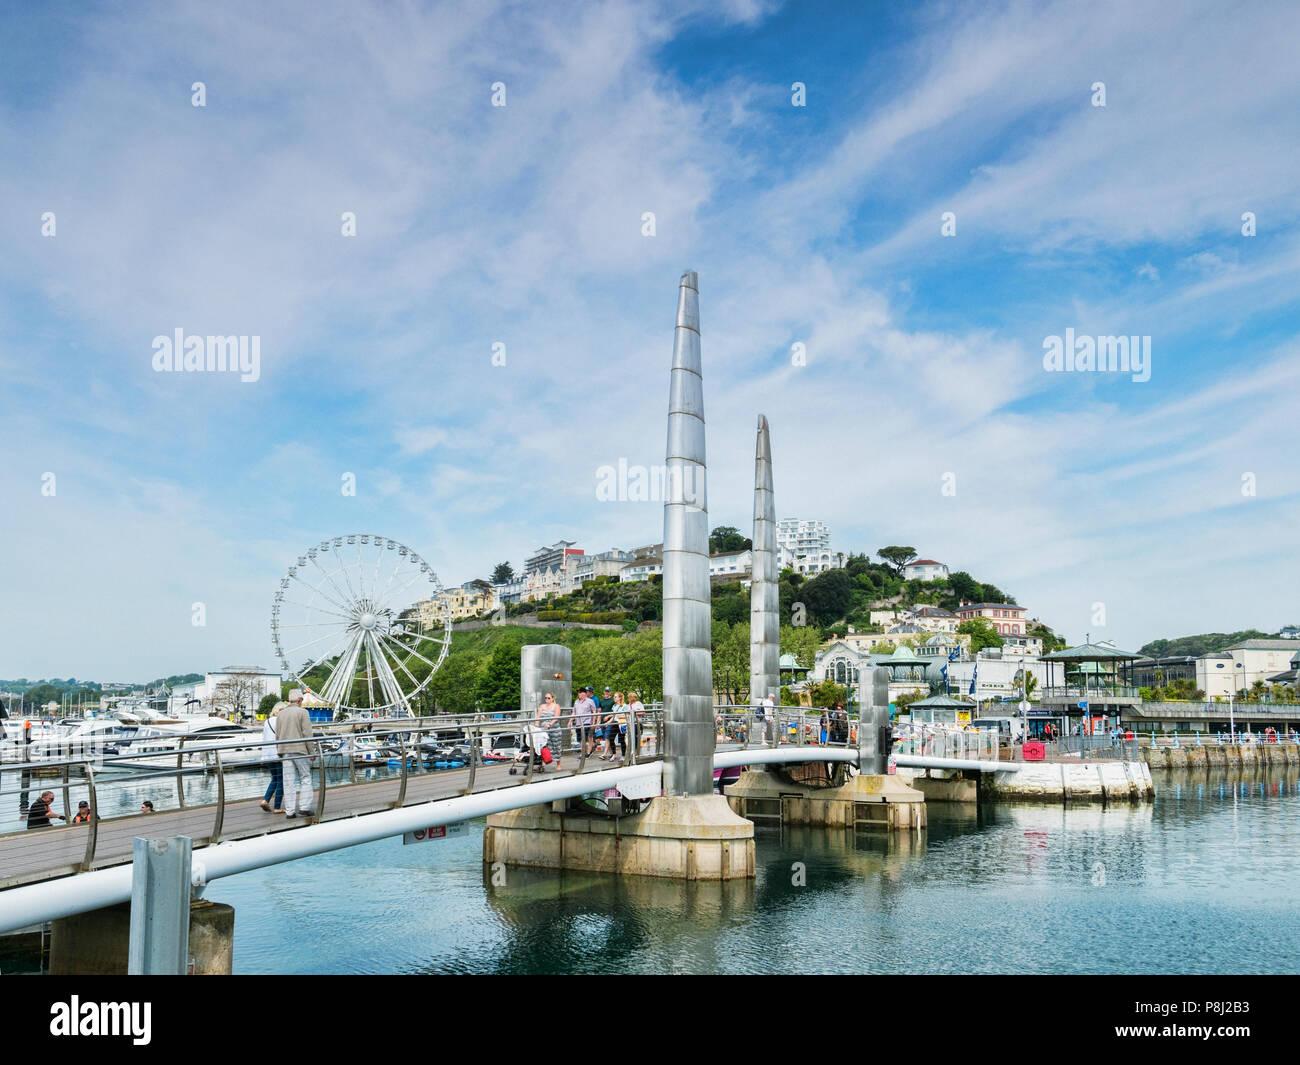 21 Mai 2018: Torquay, Devon, UK - La passerelle du millénaire et de l'English Riviera roue. Photo Stock